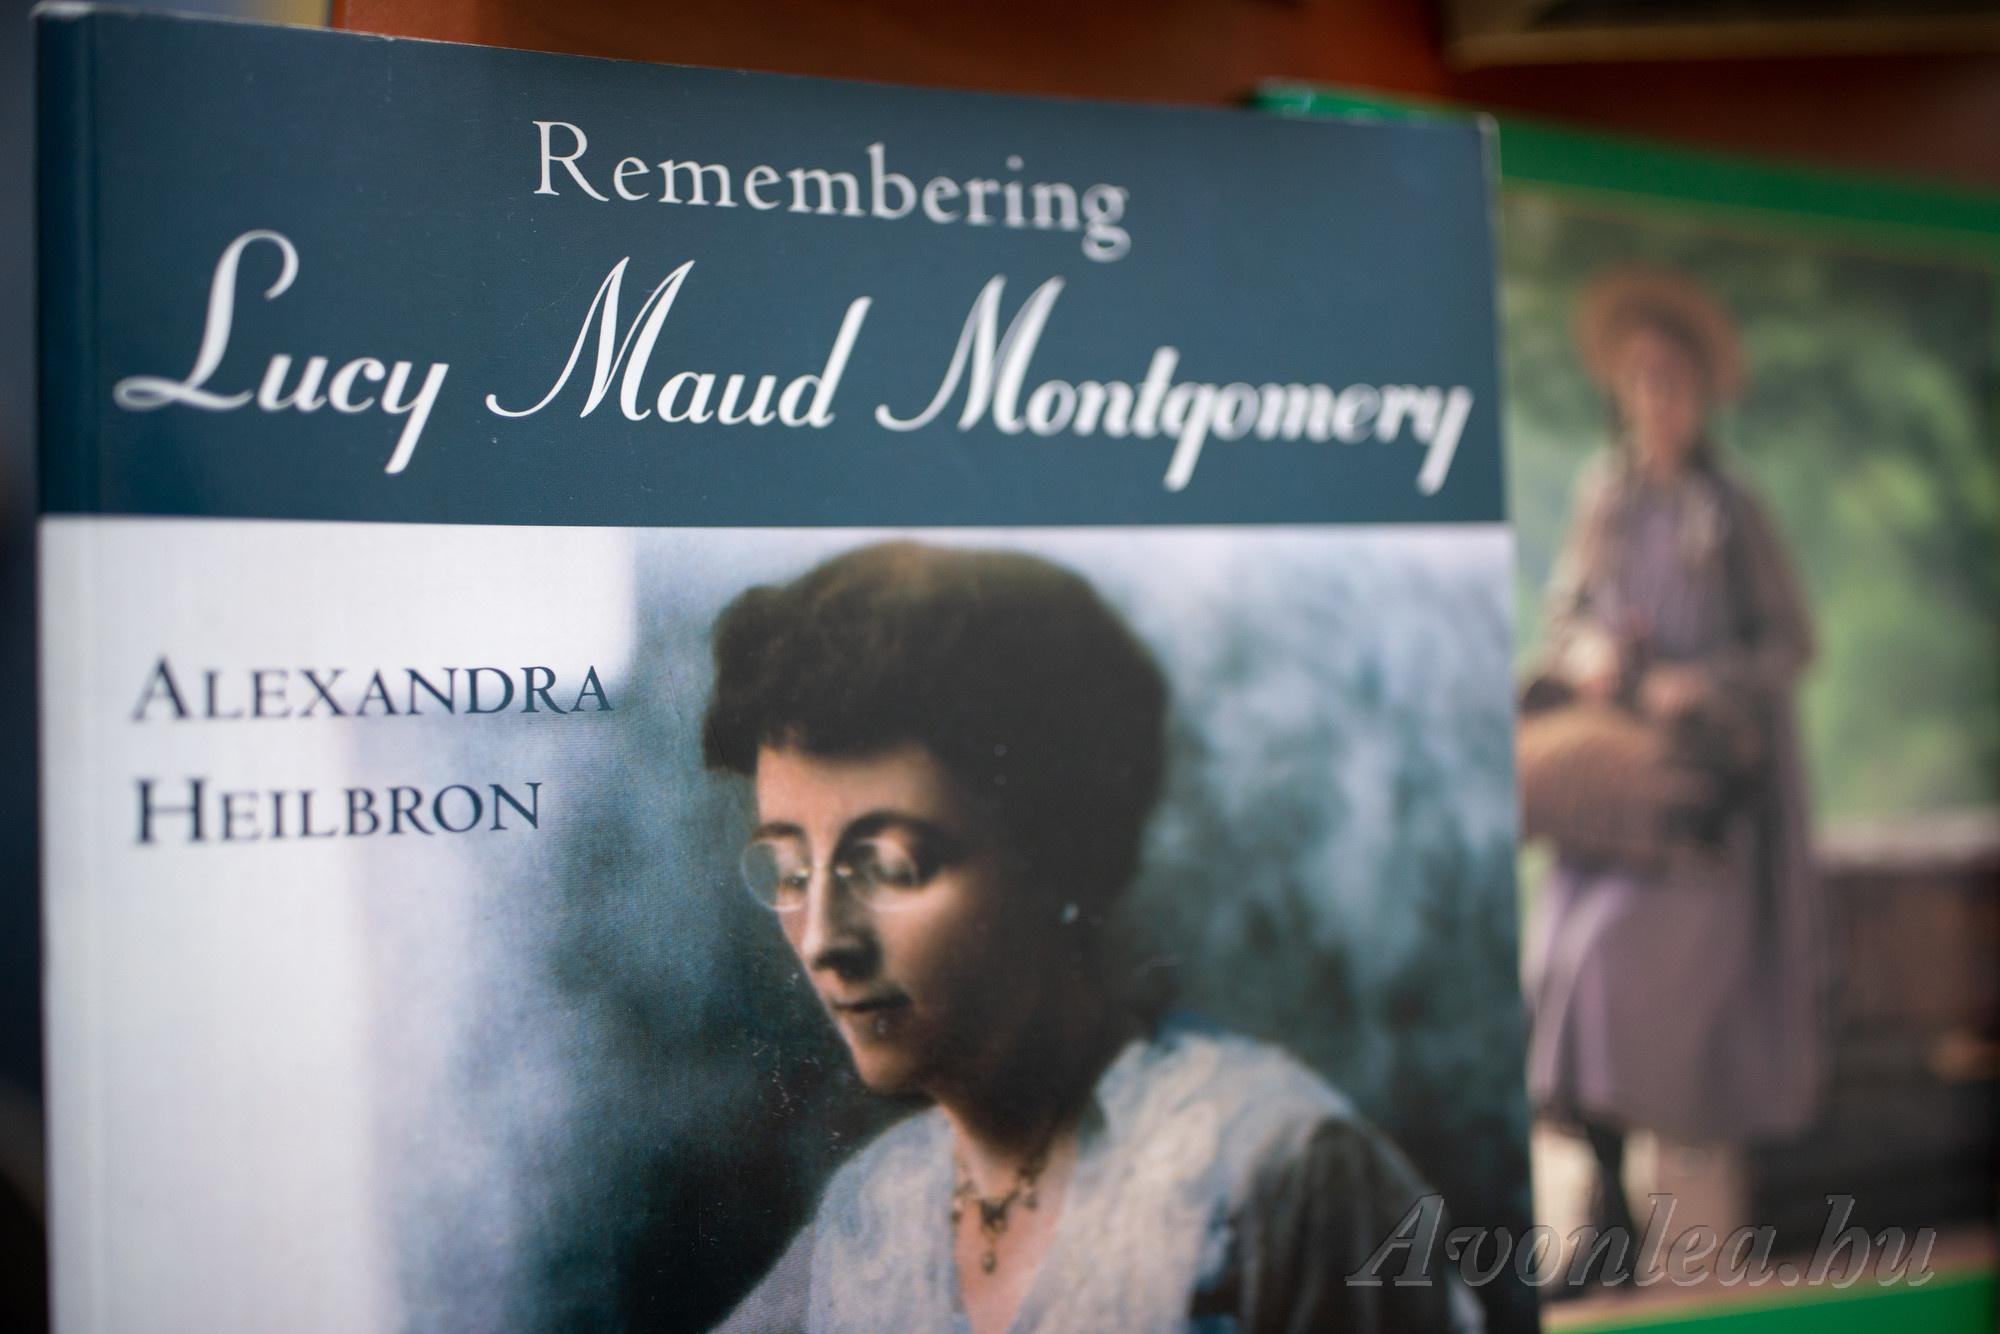 Egy könyv LM Montgomeryről